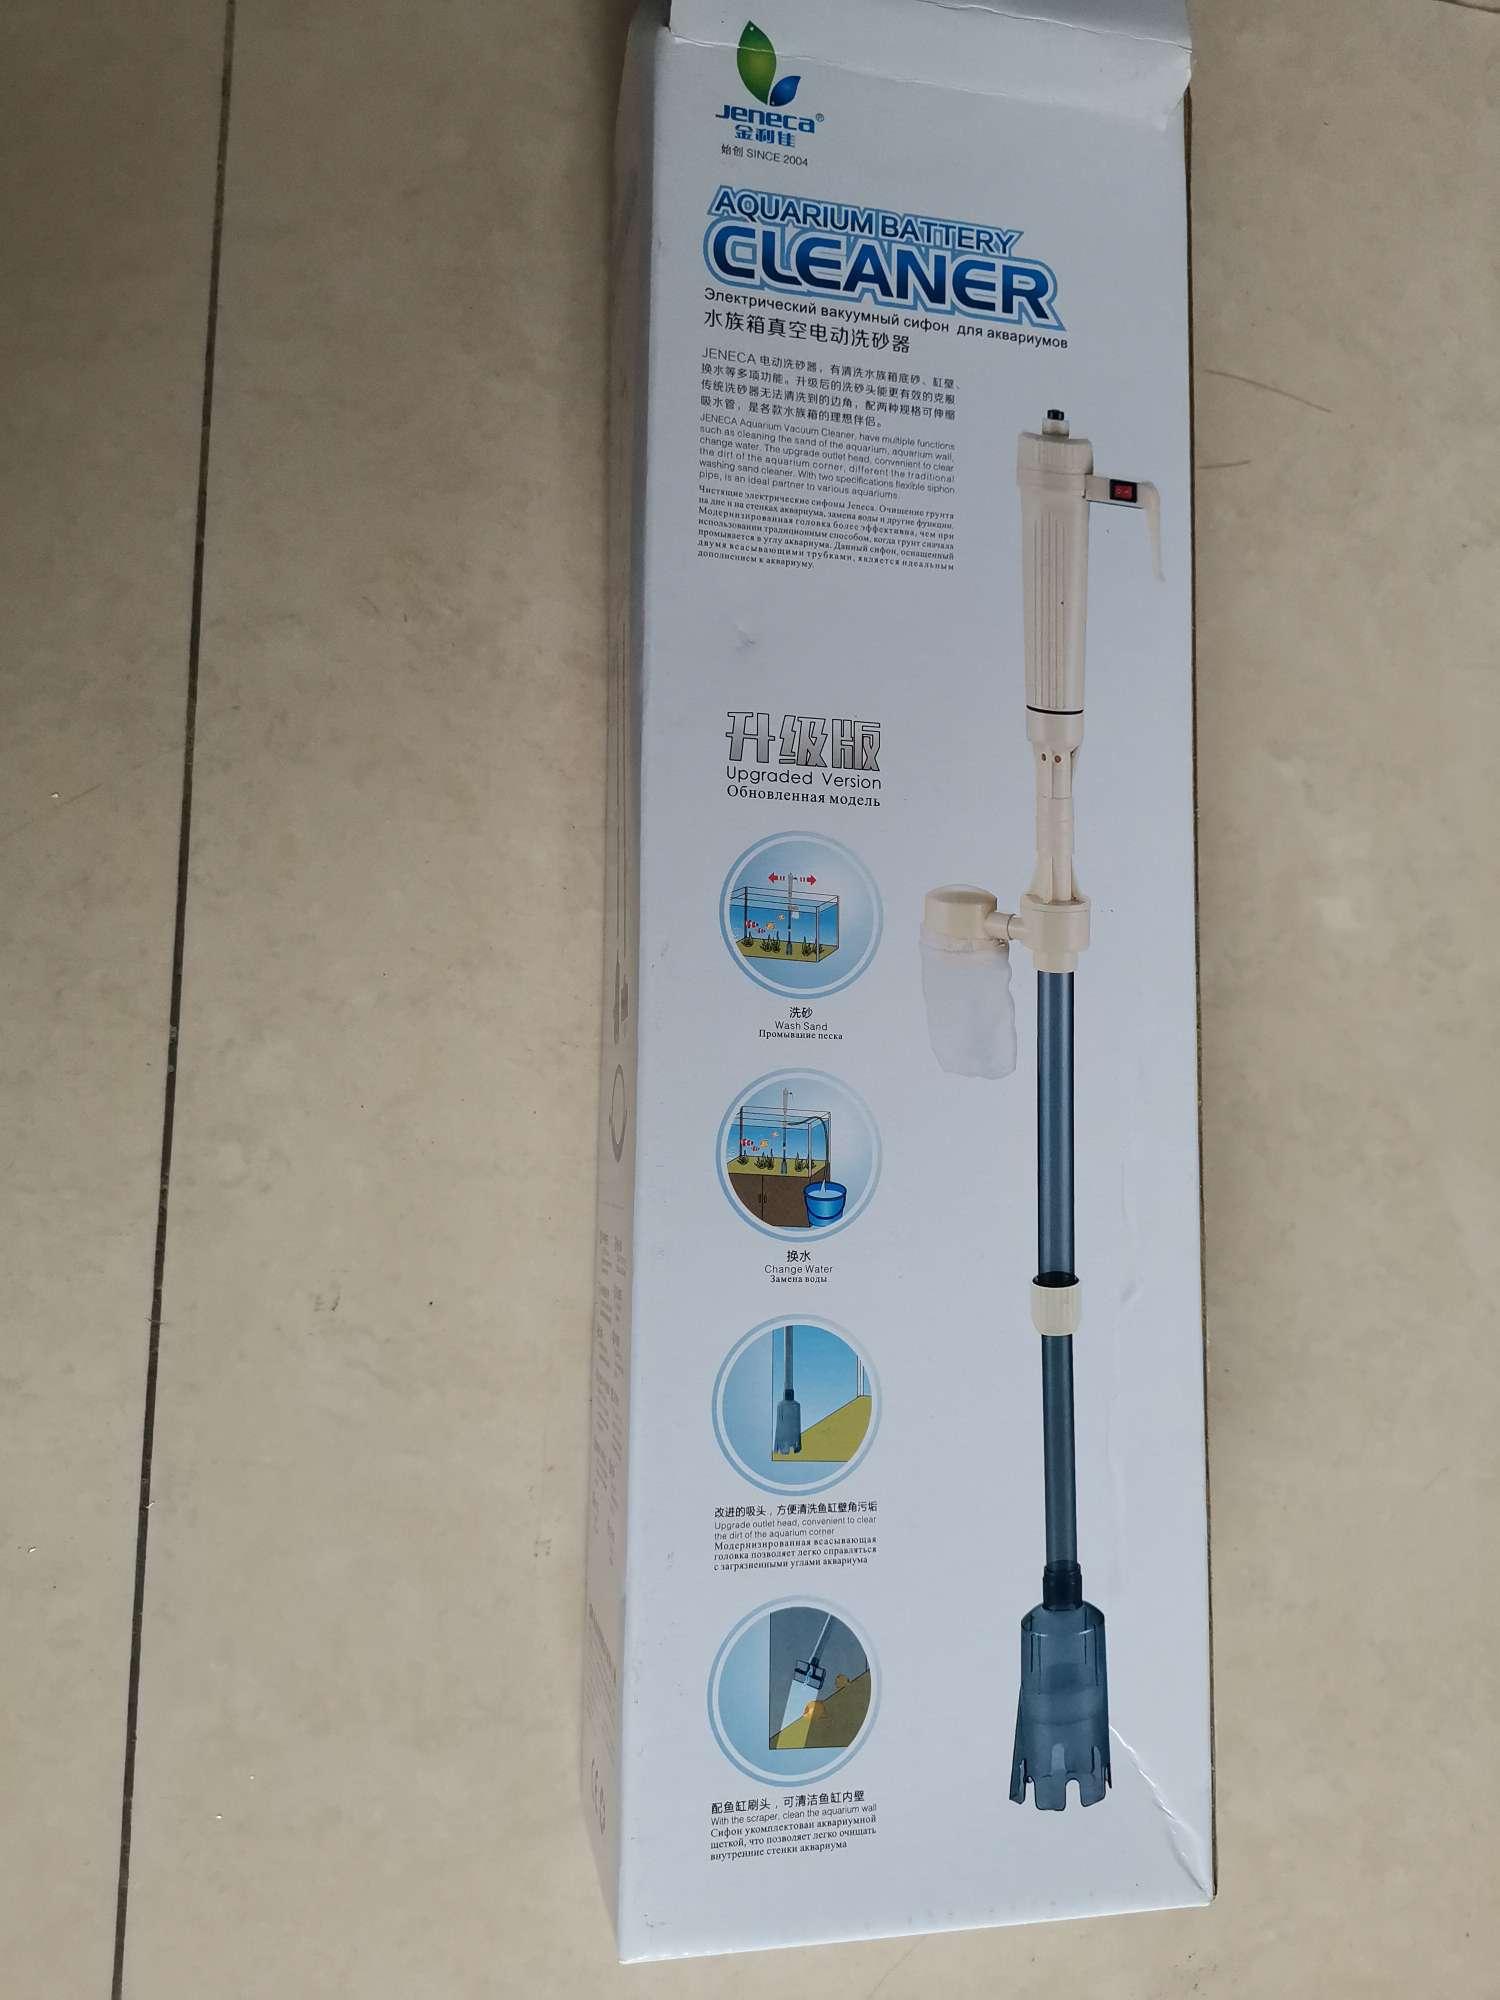 鱼缸换水器电动吸便器吸污洗沙器吸水抽水泵清理鱼粪清洗换水神器